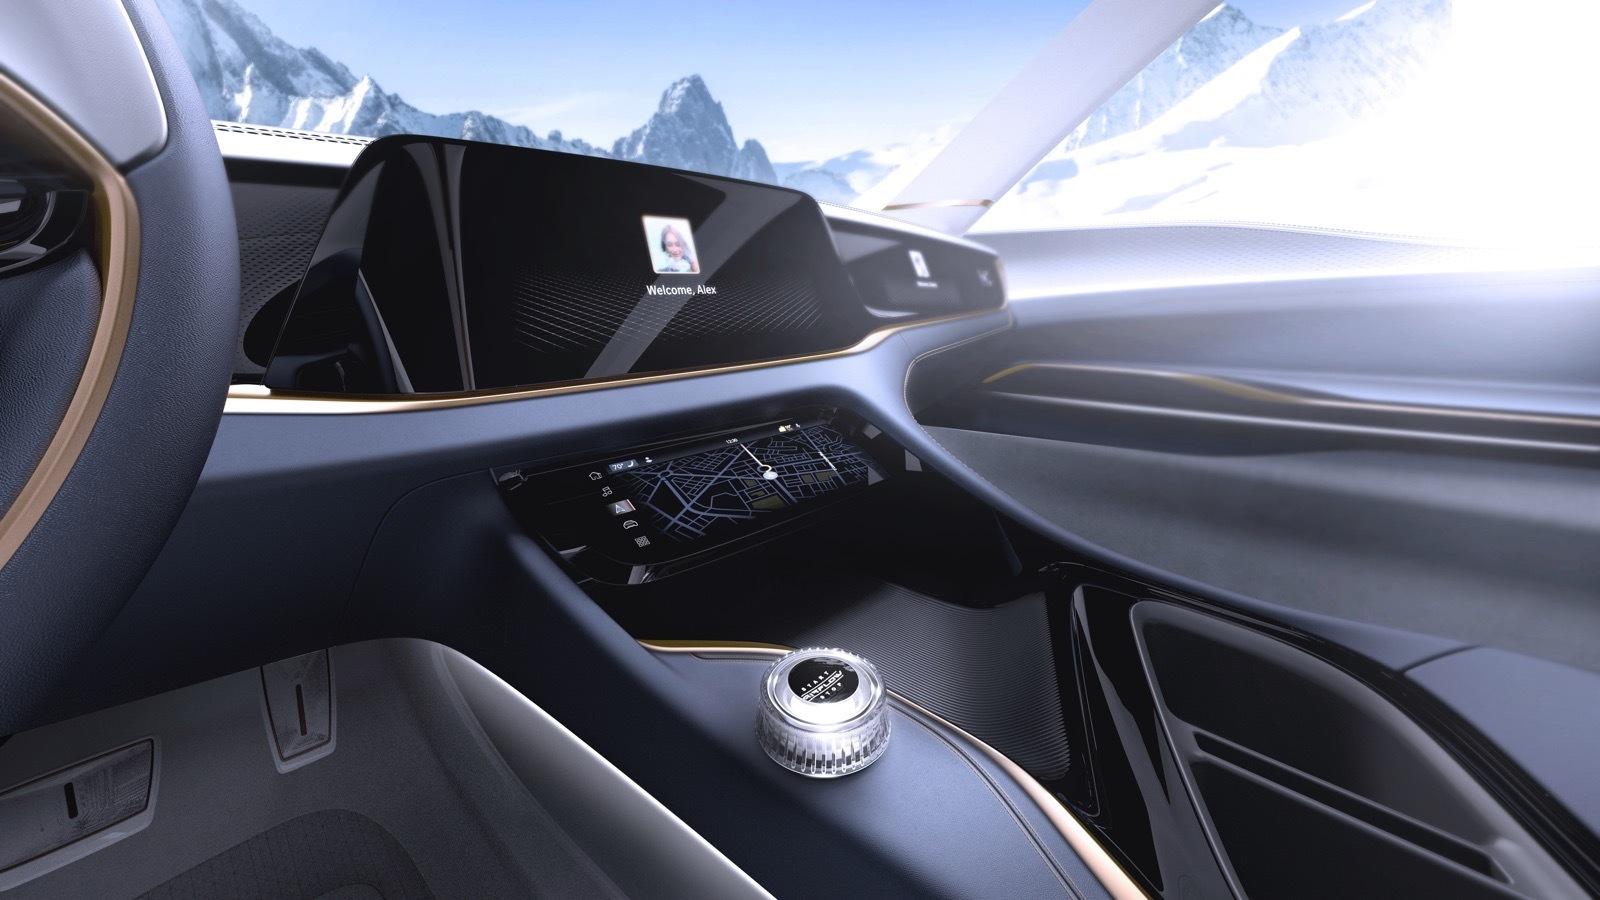 Airflow Vision – wizja pięknego i przesadnie skomputeryzowanego samochodu